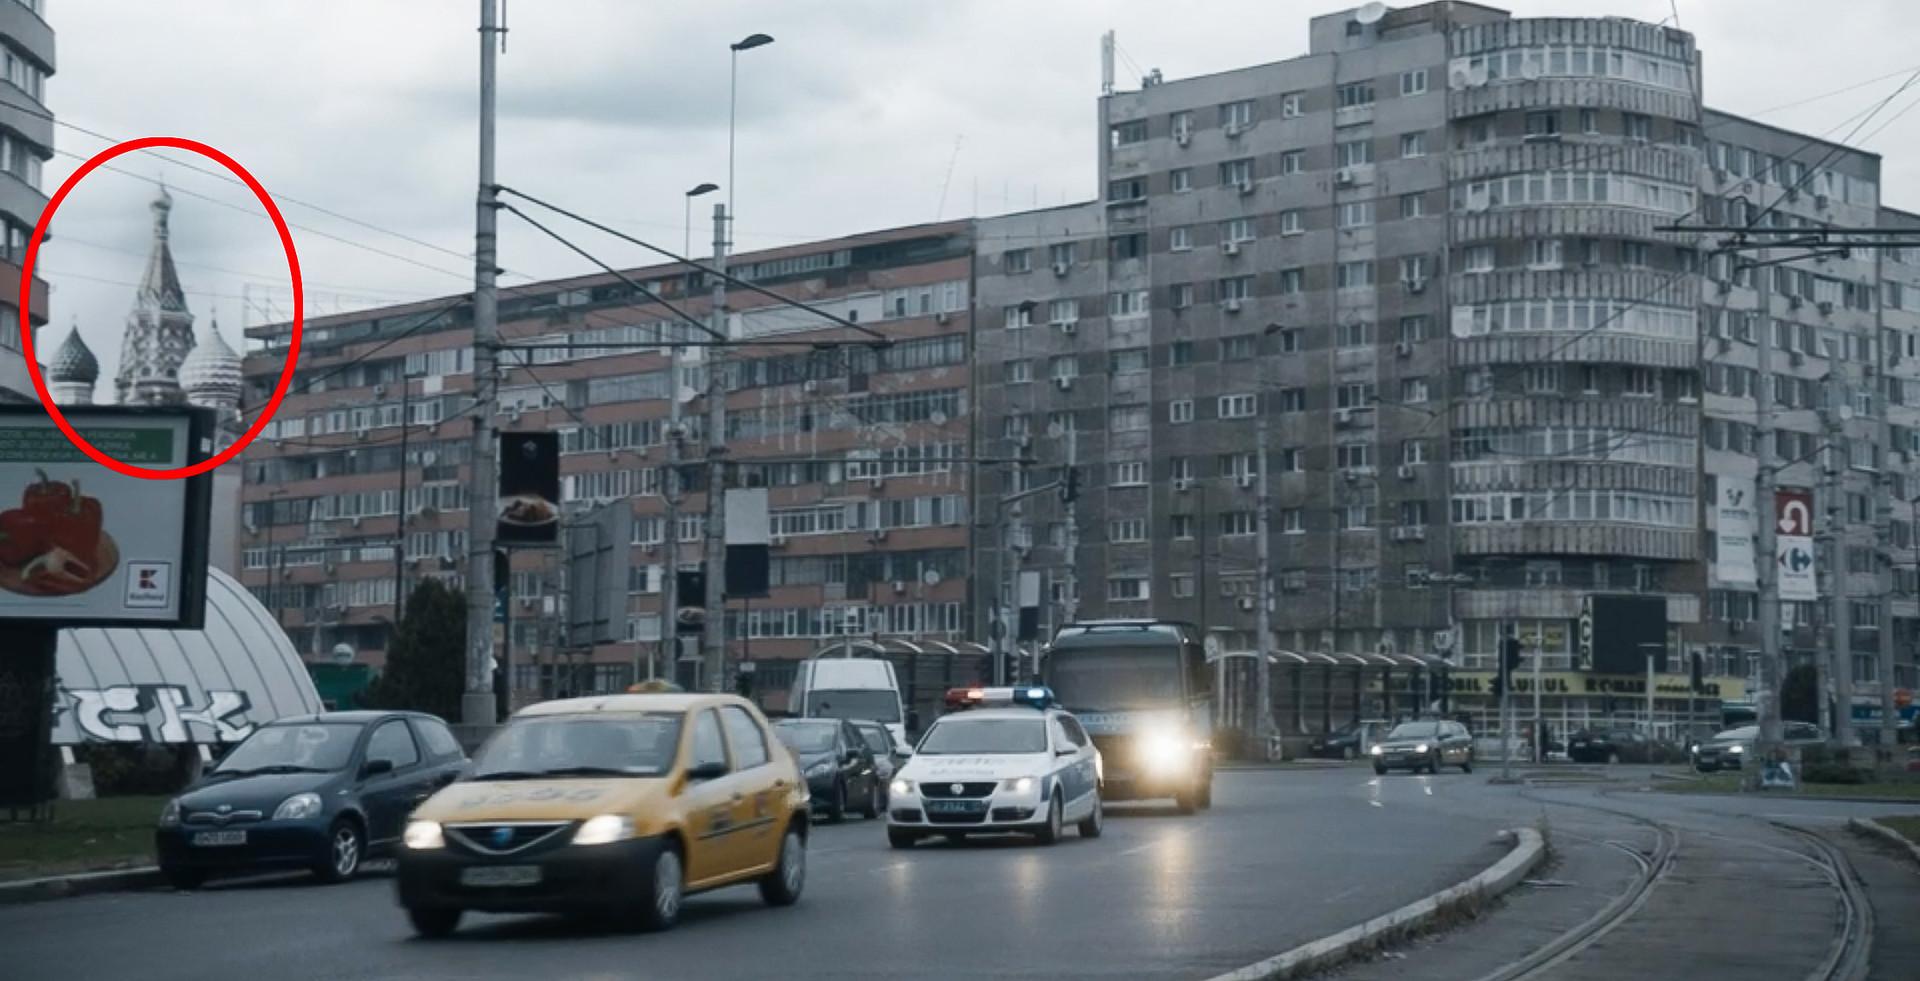 ブカレストの街風景の左側にモスクワの聖ワシリイ大聖堂が挿入された。